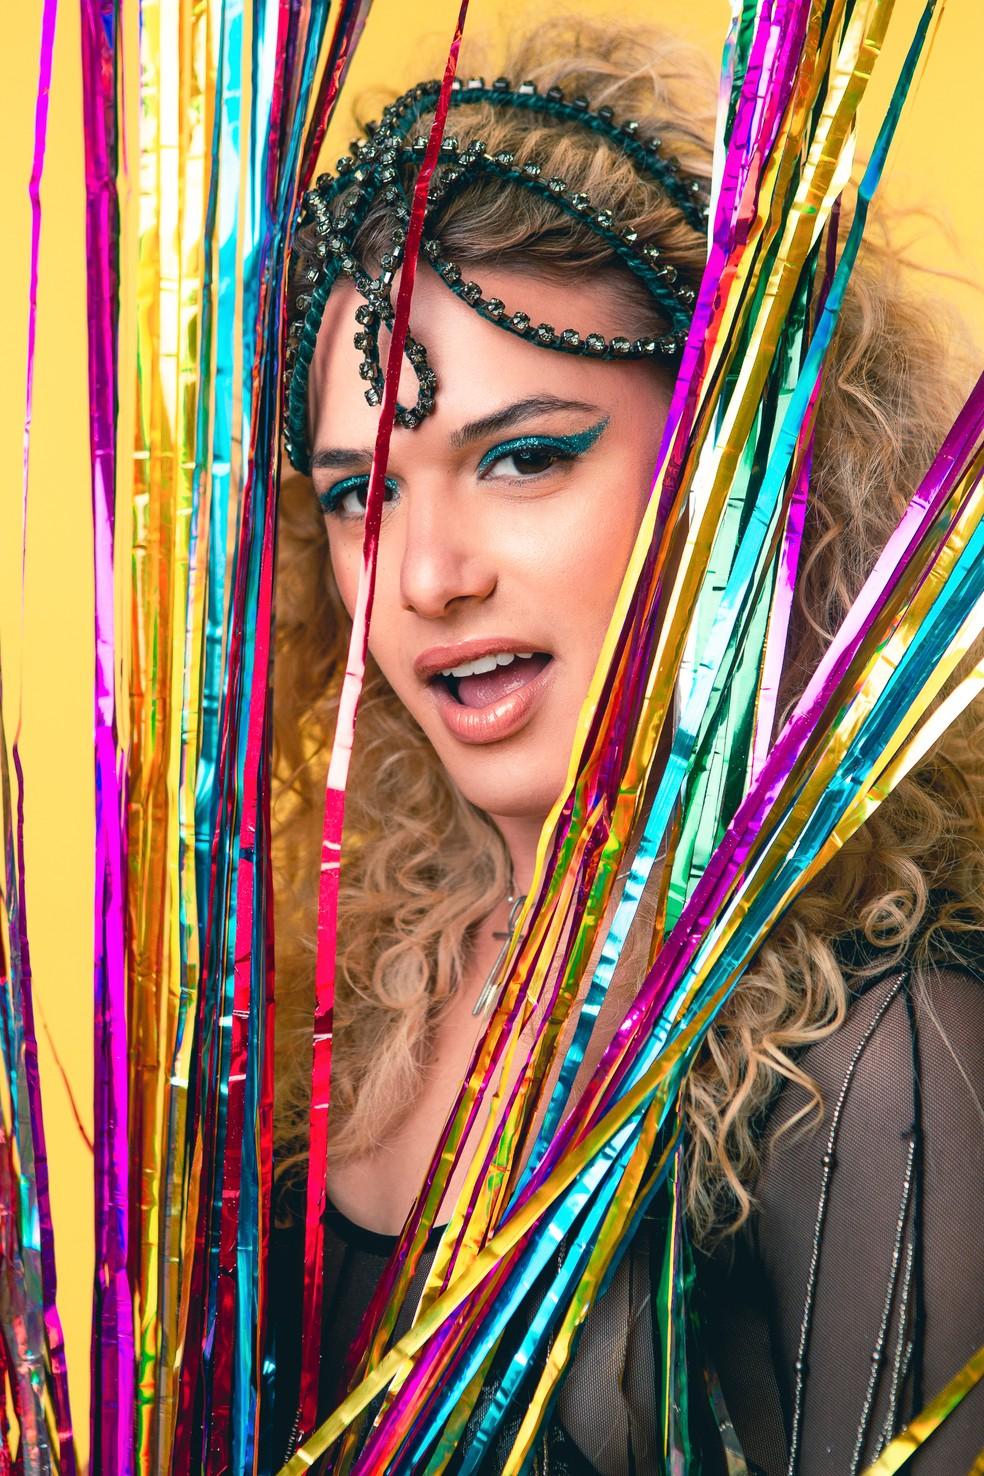 Glamour Garcia revela ao Gshow detalhes de sua fantasia para estrear apoteótica na Avenida  — Foto: Fabiano Battaglin/Gshow